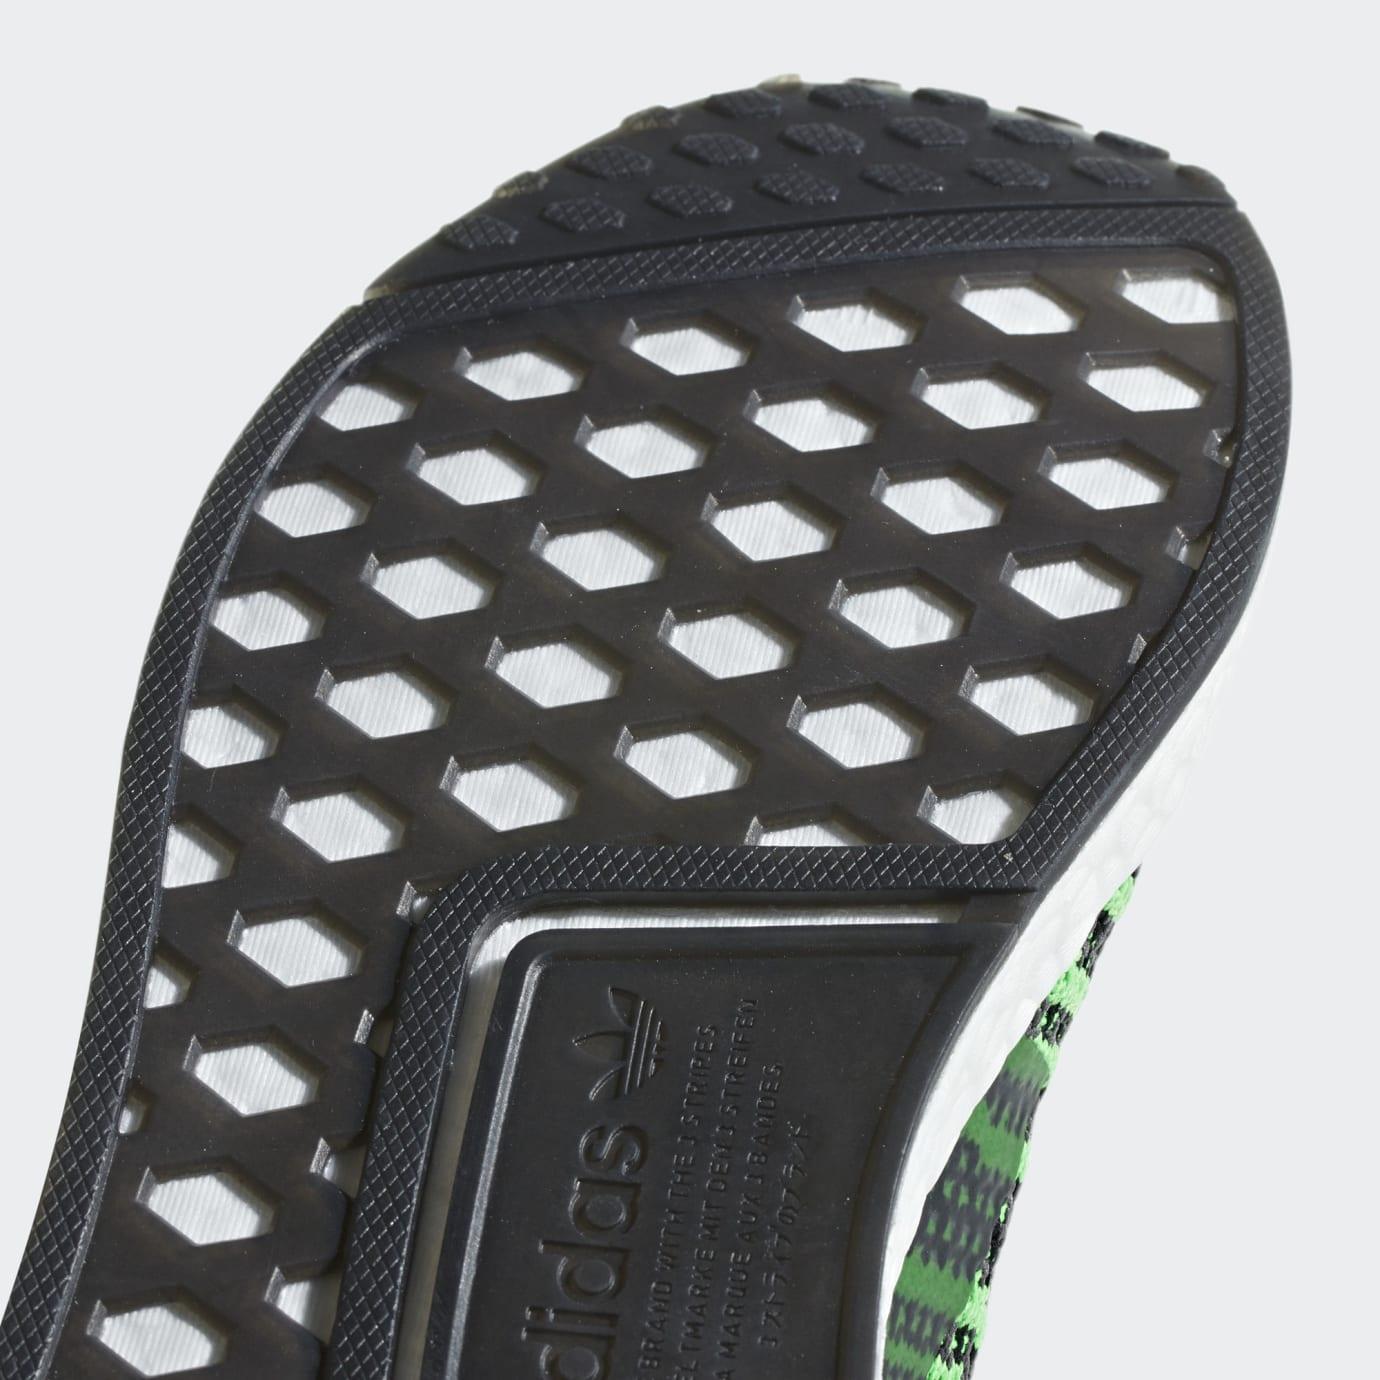 a9b4aa4370fa2 Image via Adidas Adidas NMD TS1 Shock Lime Release Date B37628 Outsole